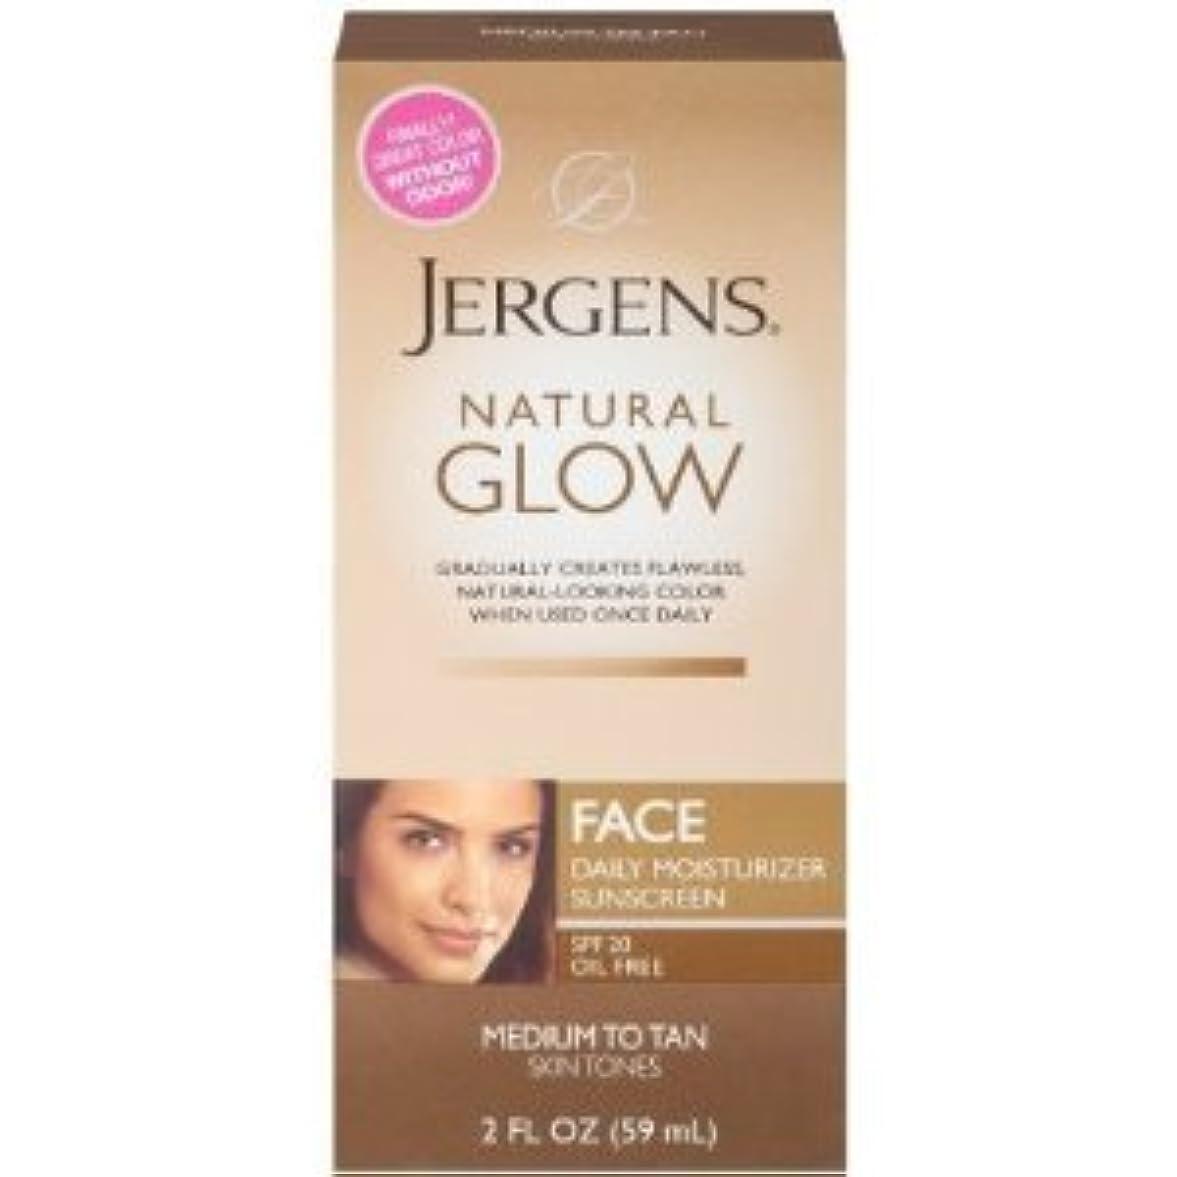 おじさんフルーティー深さNatural Glow Healthy Complexion Daily Facial Moisturizer, SPF 20, Medium to Tan, (59ml) (海外直送品)